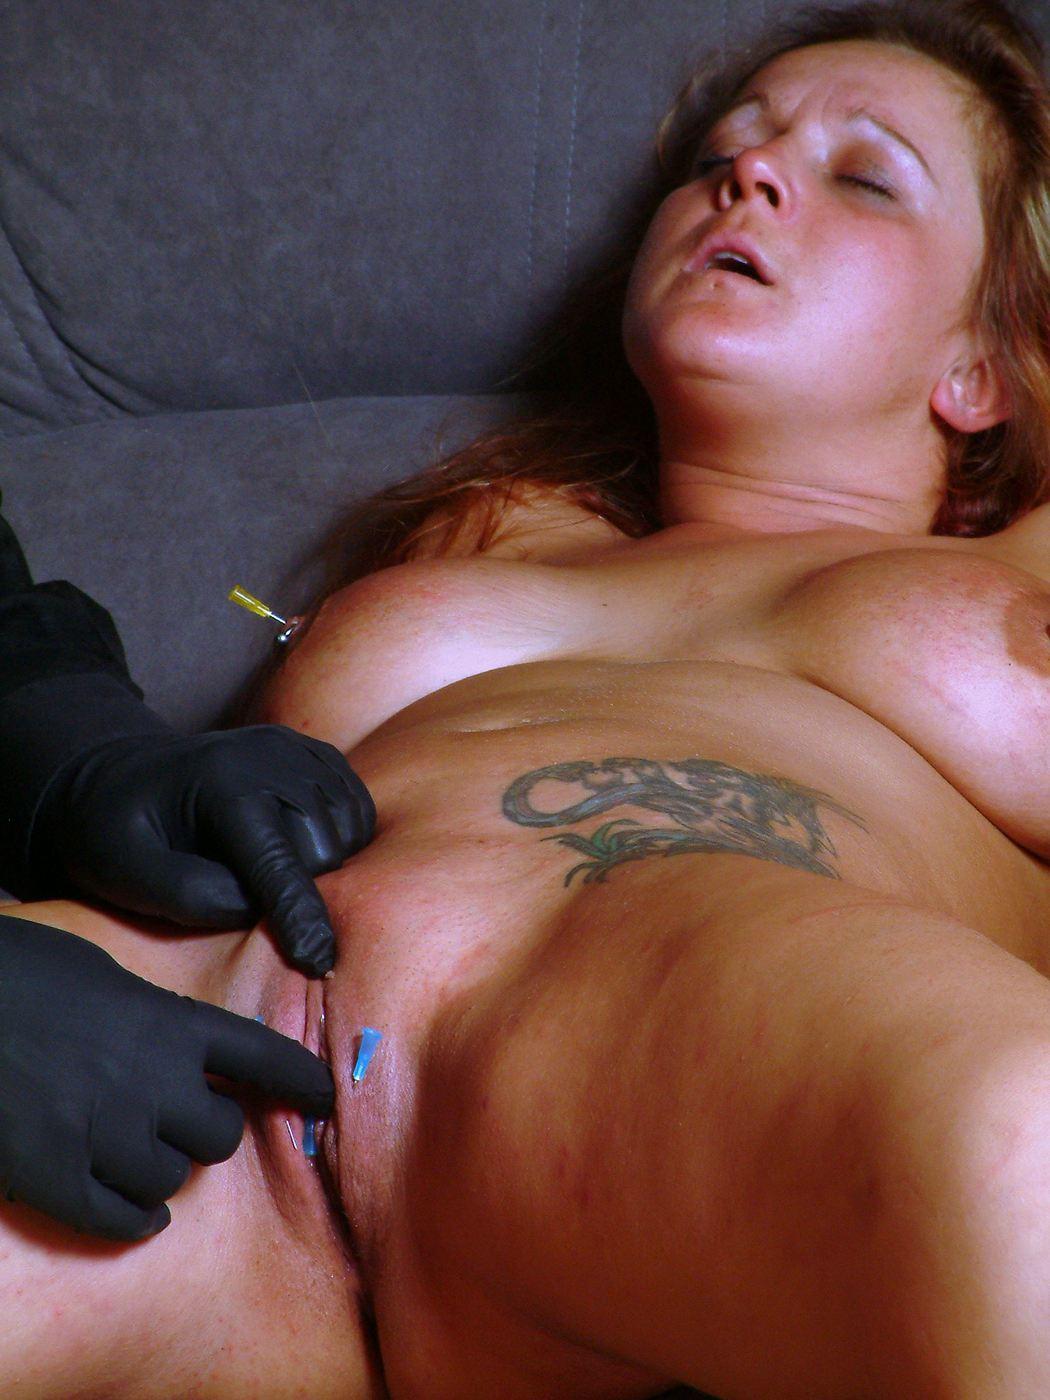 BDSM pain porn